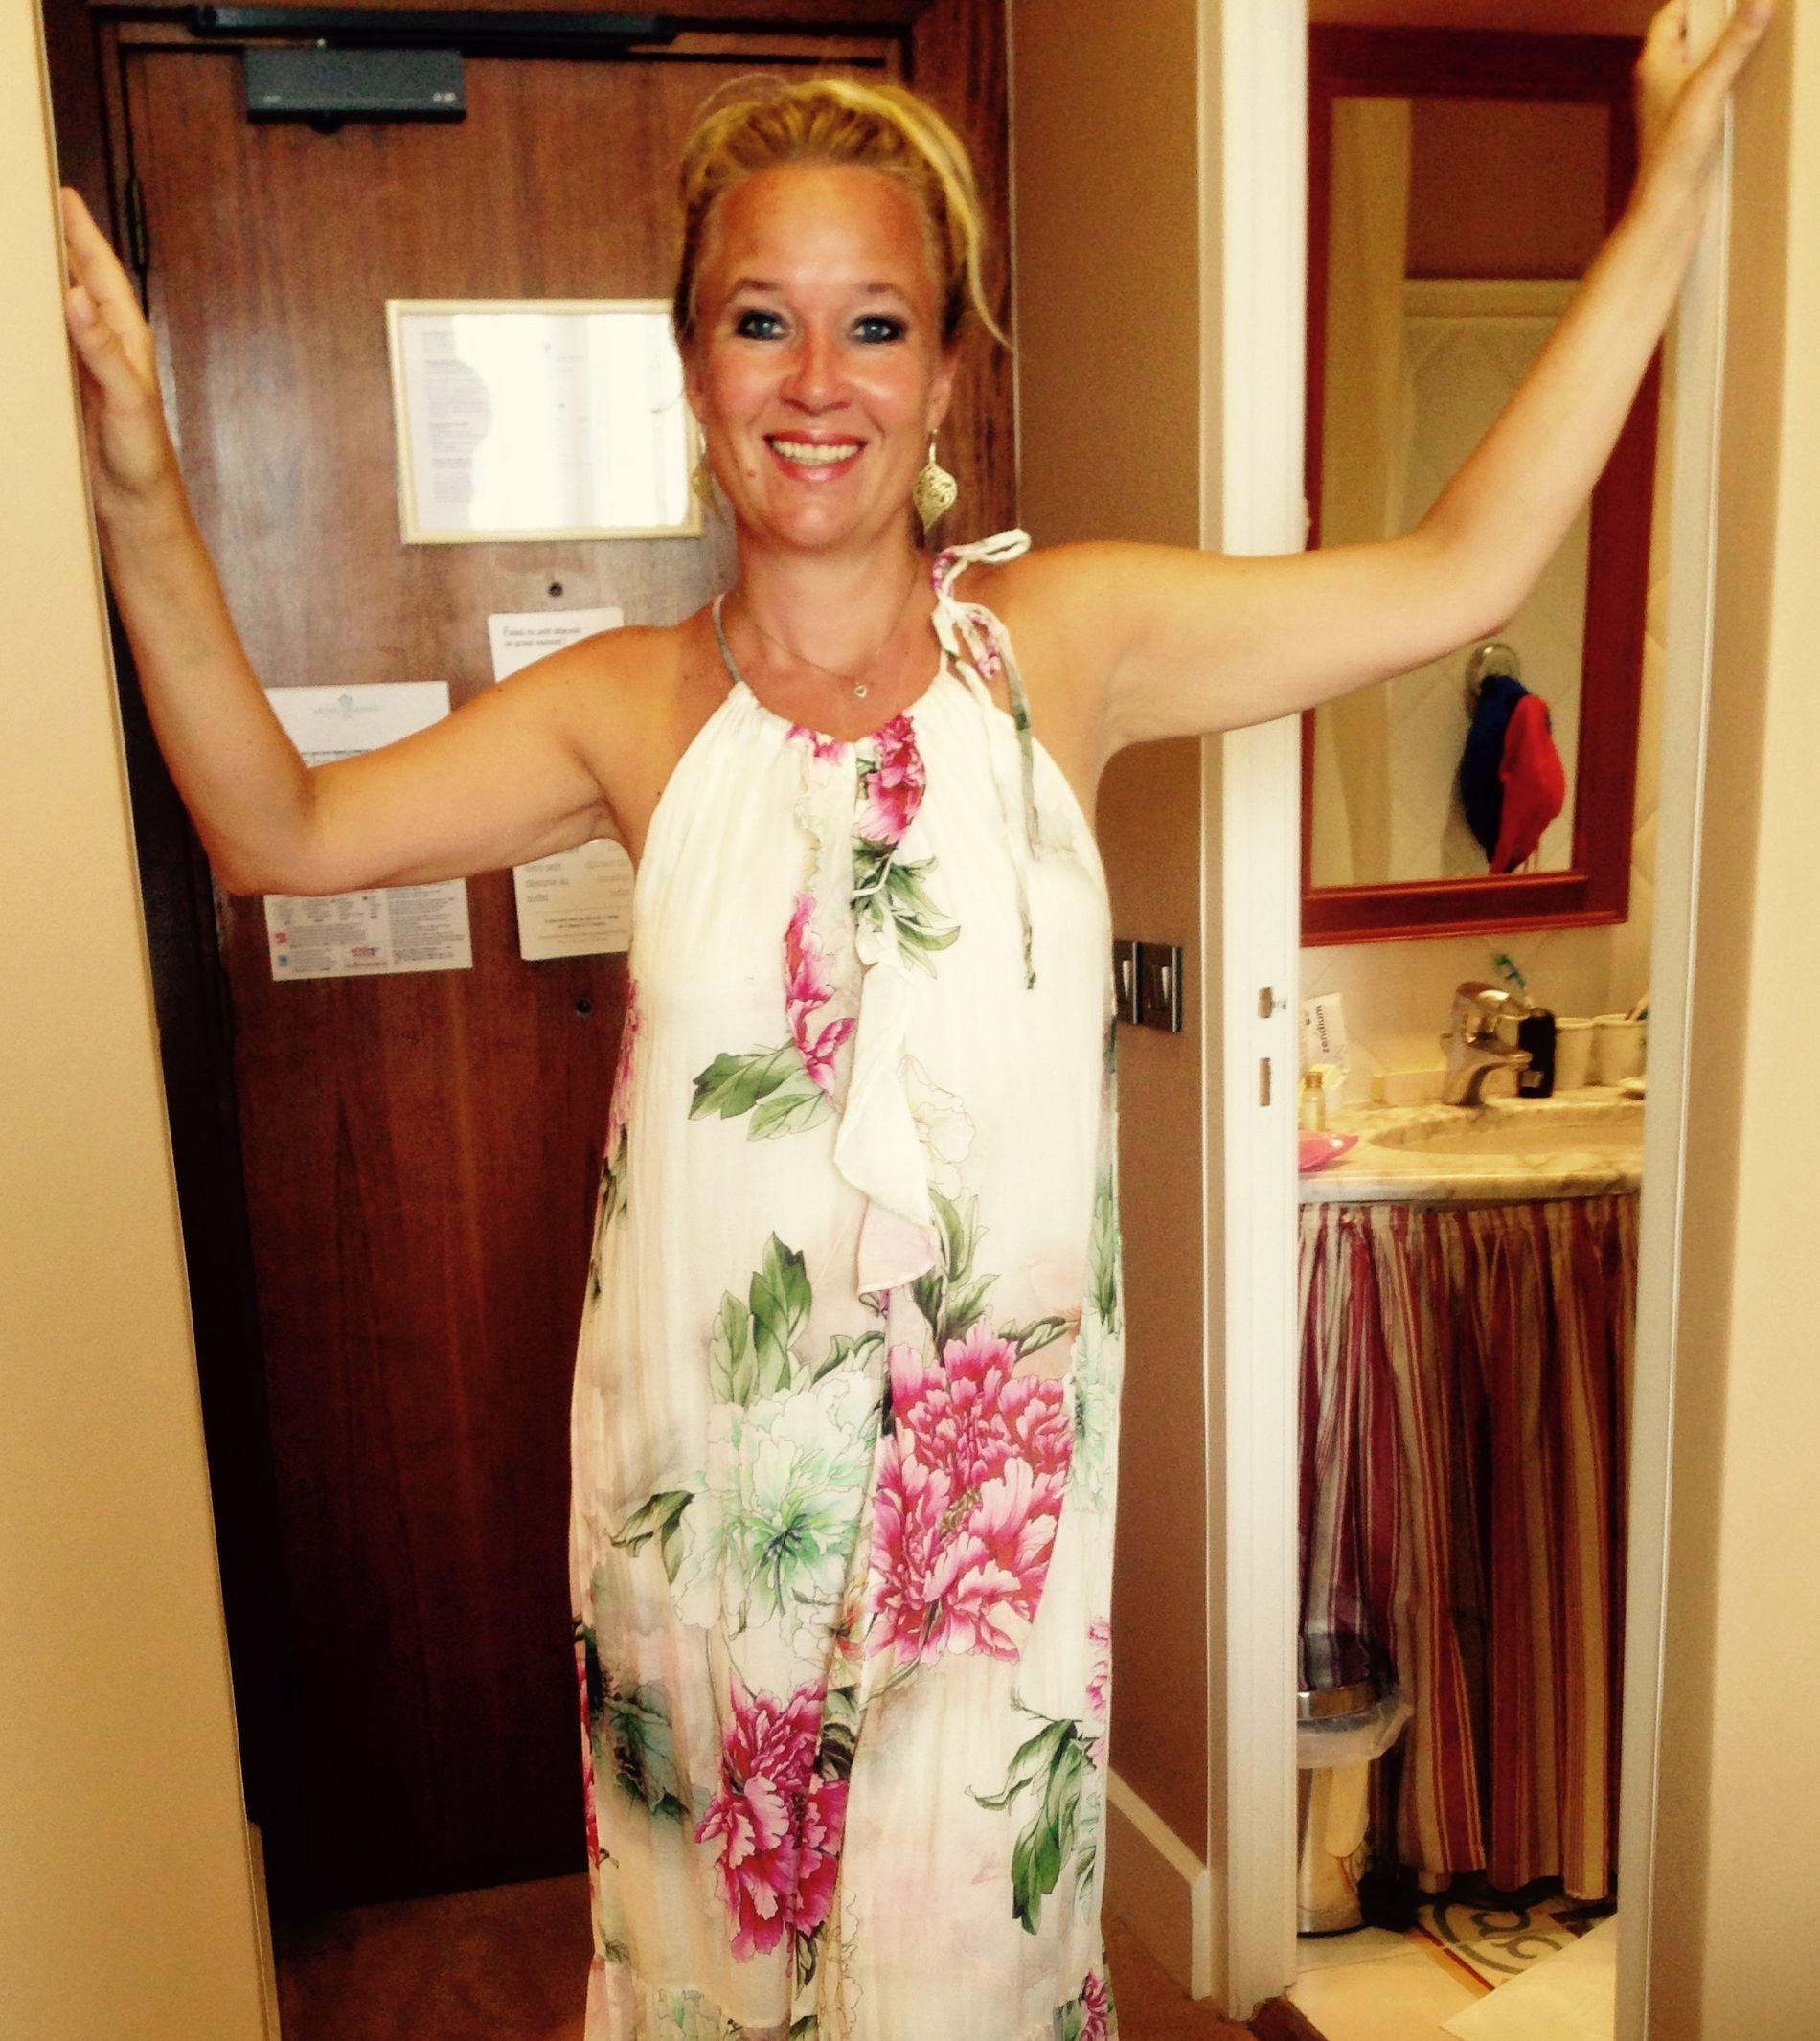 SOMMEREN 2015: Rett før hun får diagnoen er Cathrine  i Cannes i Frankrike. – Det er vemodig å se meg selv slik jeg så ut da. Kontrasten til hvordan jeg ser ut nå, blir så tydelig, sier hun i dag.